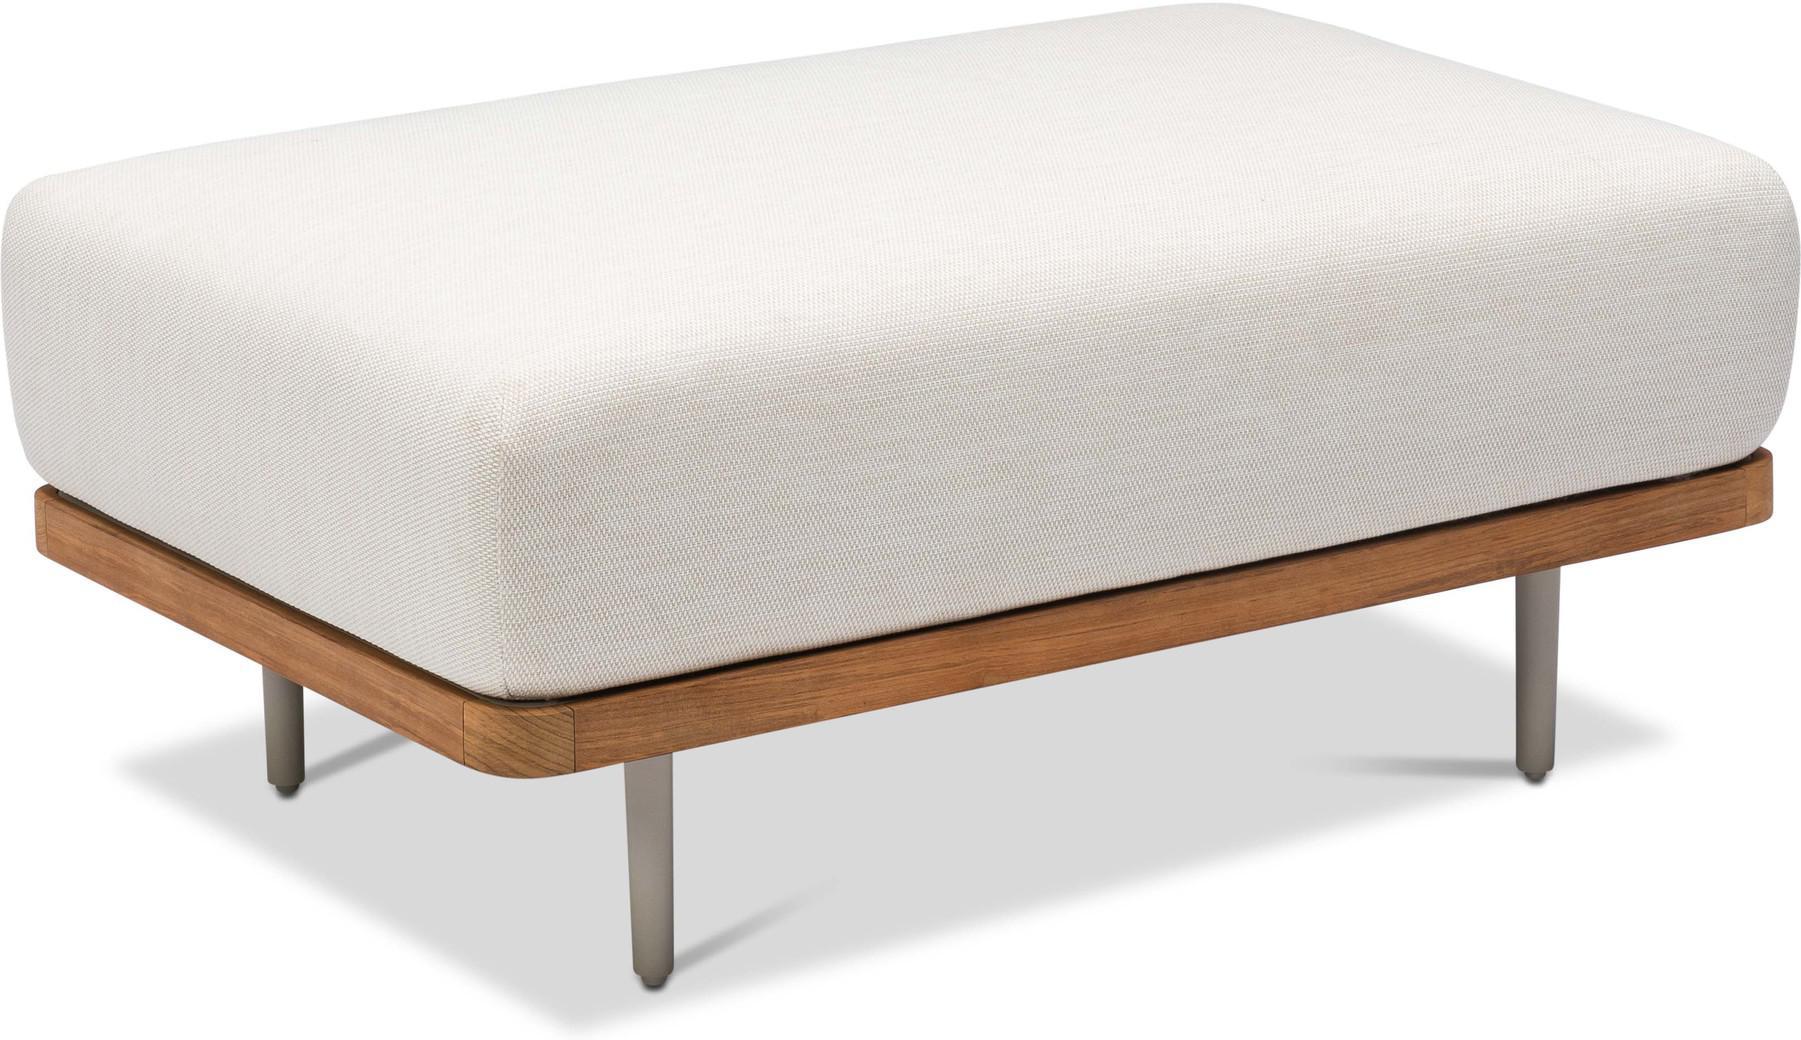 Poggiapiedi/tavolo da soggiorno large Flex - selce - teak